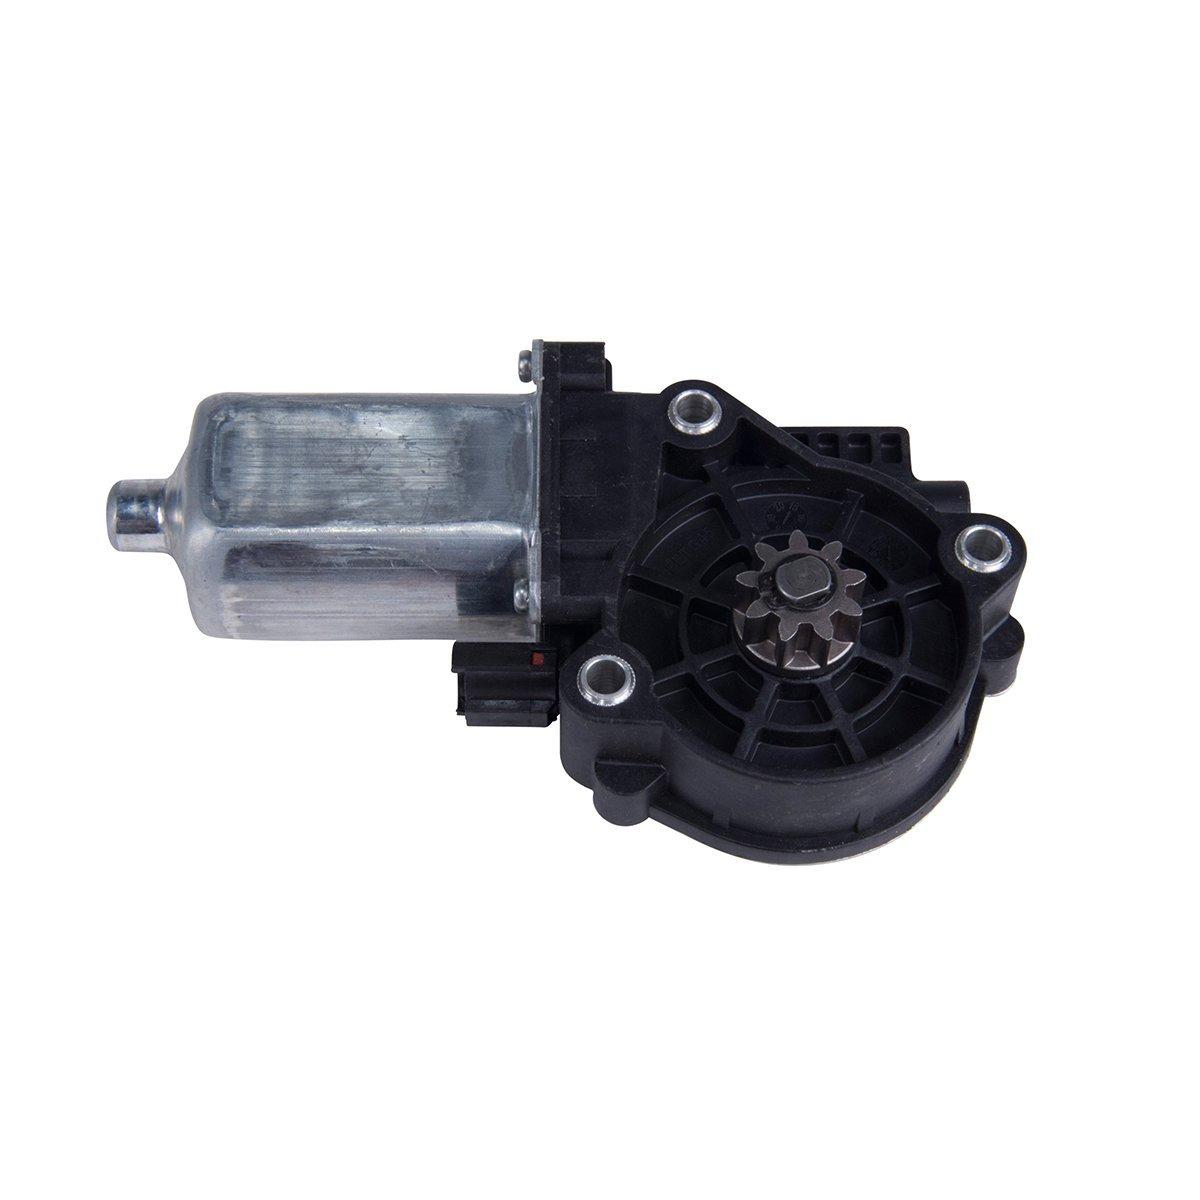 Kwikee 1820124 25 Series Step Motor